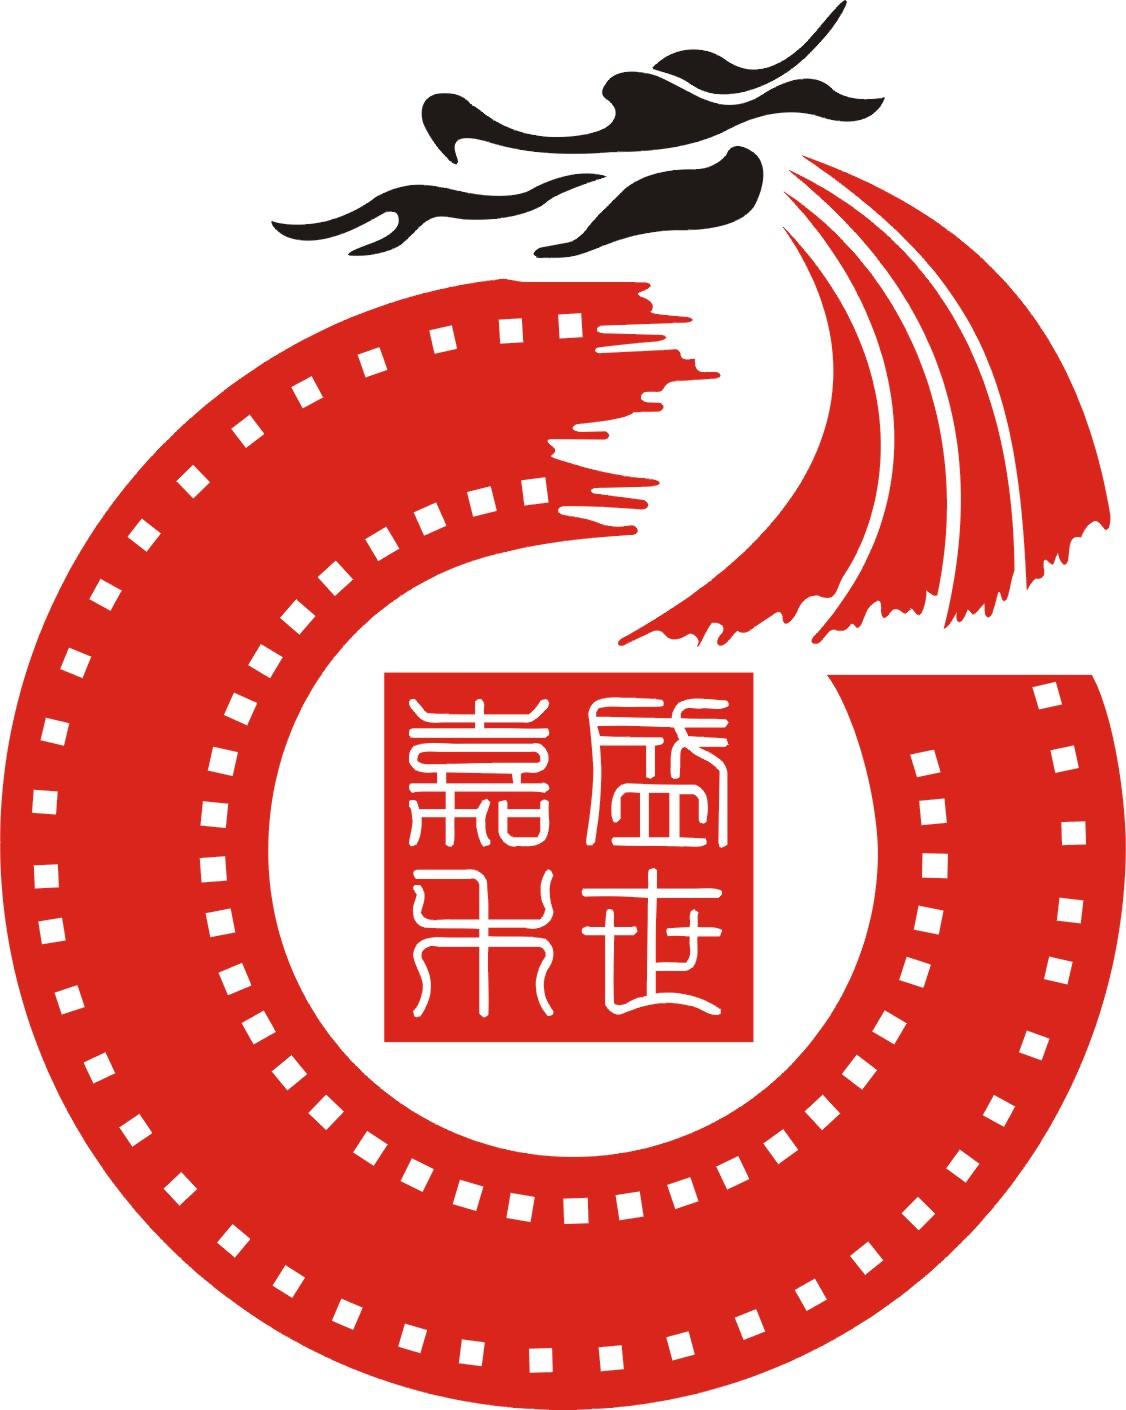 北京影视讹i!�a���_北京盛世嘉禾影视文化传播有限公司-智联招聘